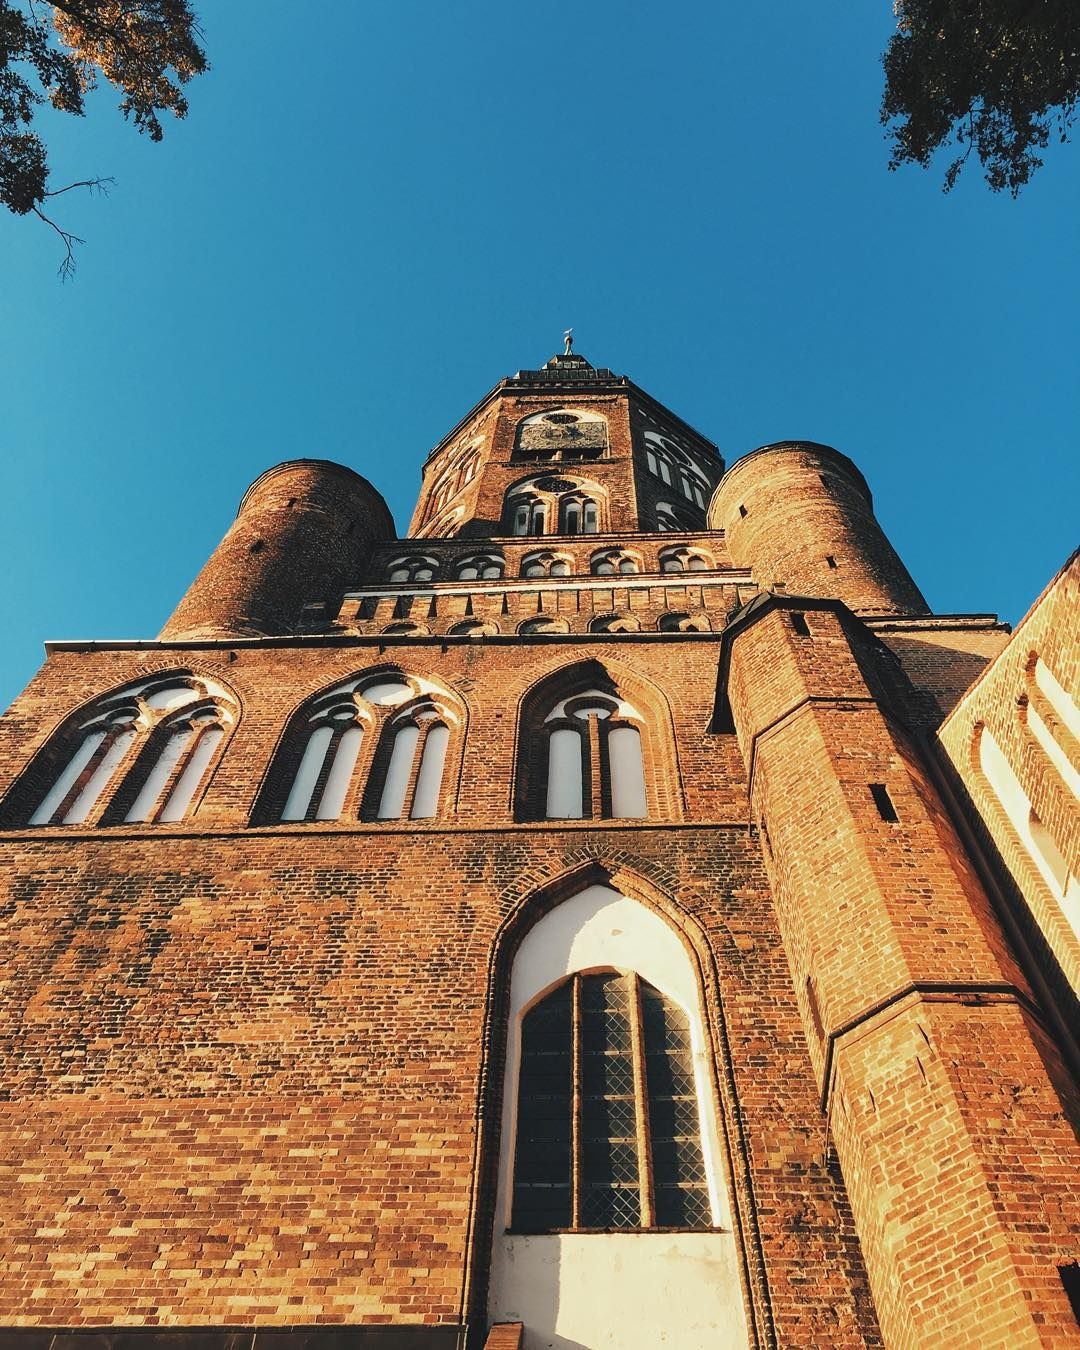 Gestern war es irgendwie sonniger in #Greifswald